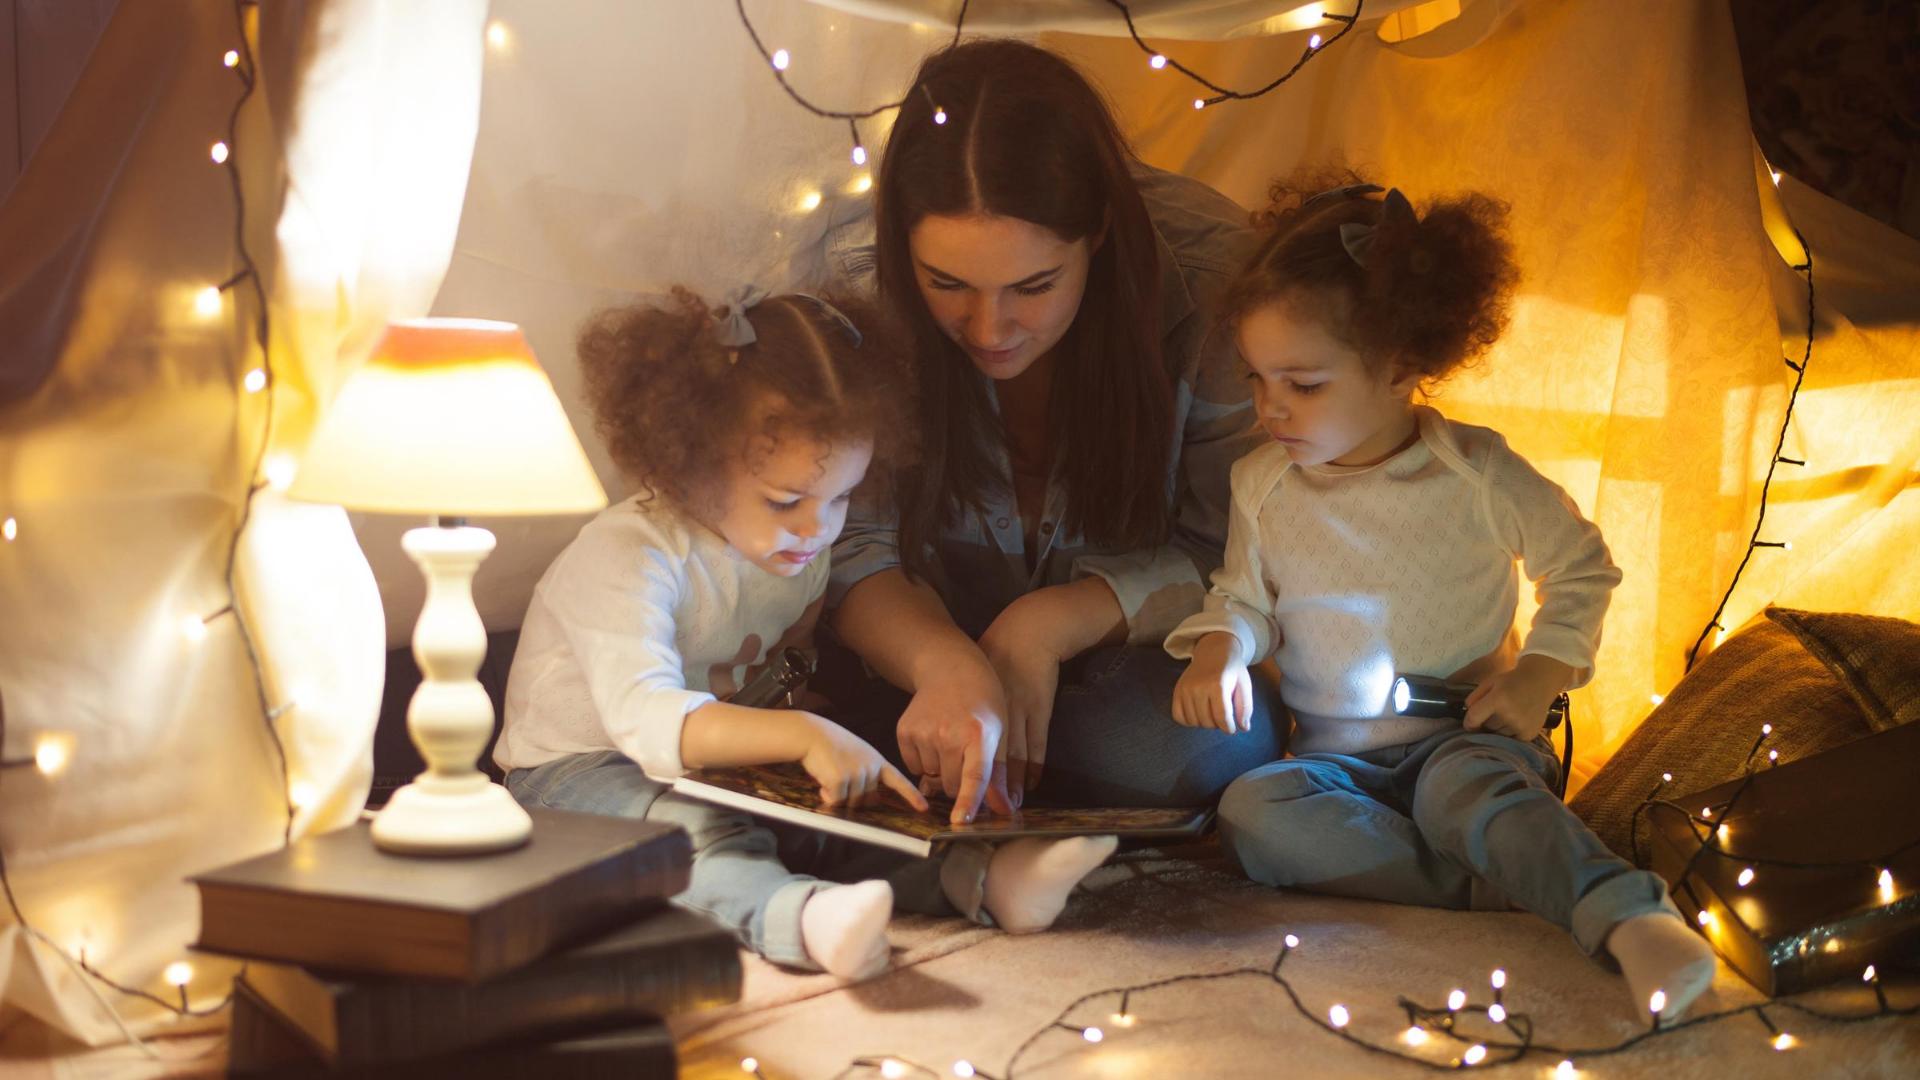 Primo smartphone personale: è il regalo giusto per questo Natale?